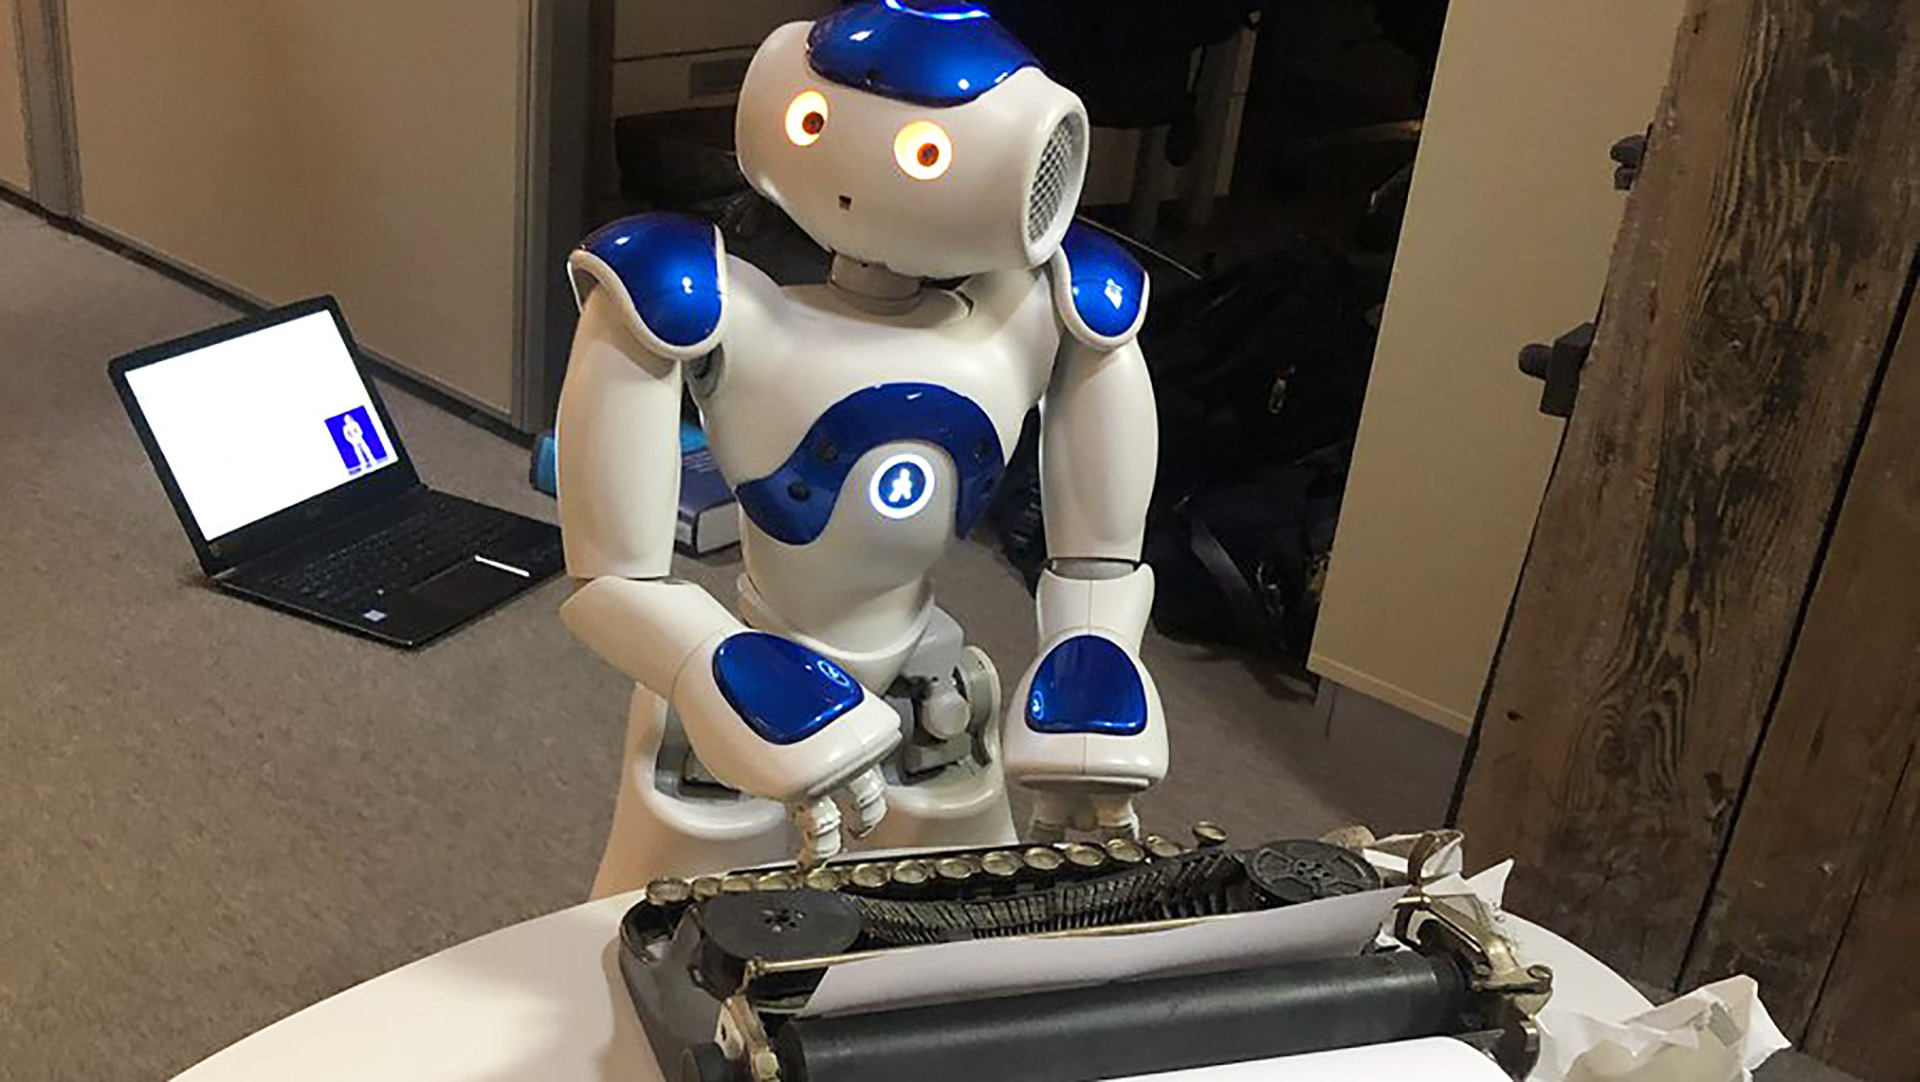 Un'opera teatrale scritta interamente da robot: vi presentiamo THEaiTRE